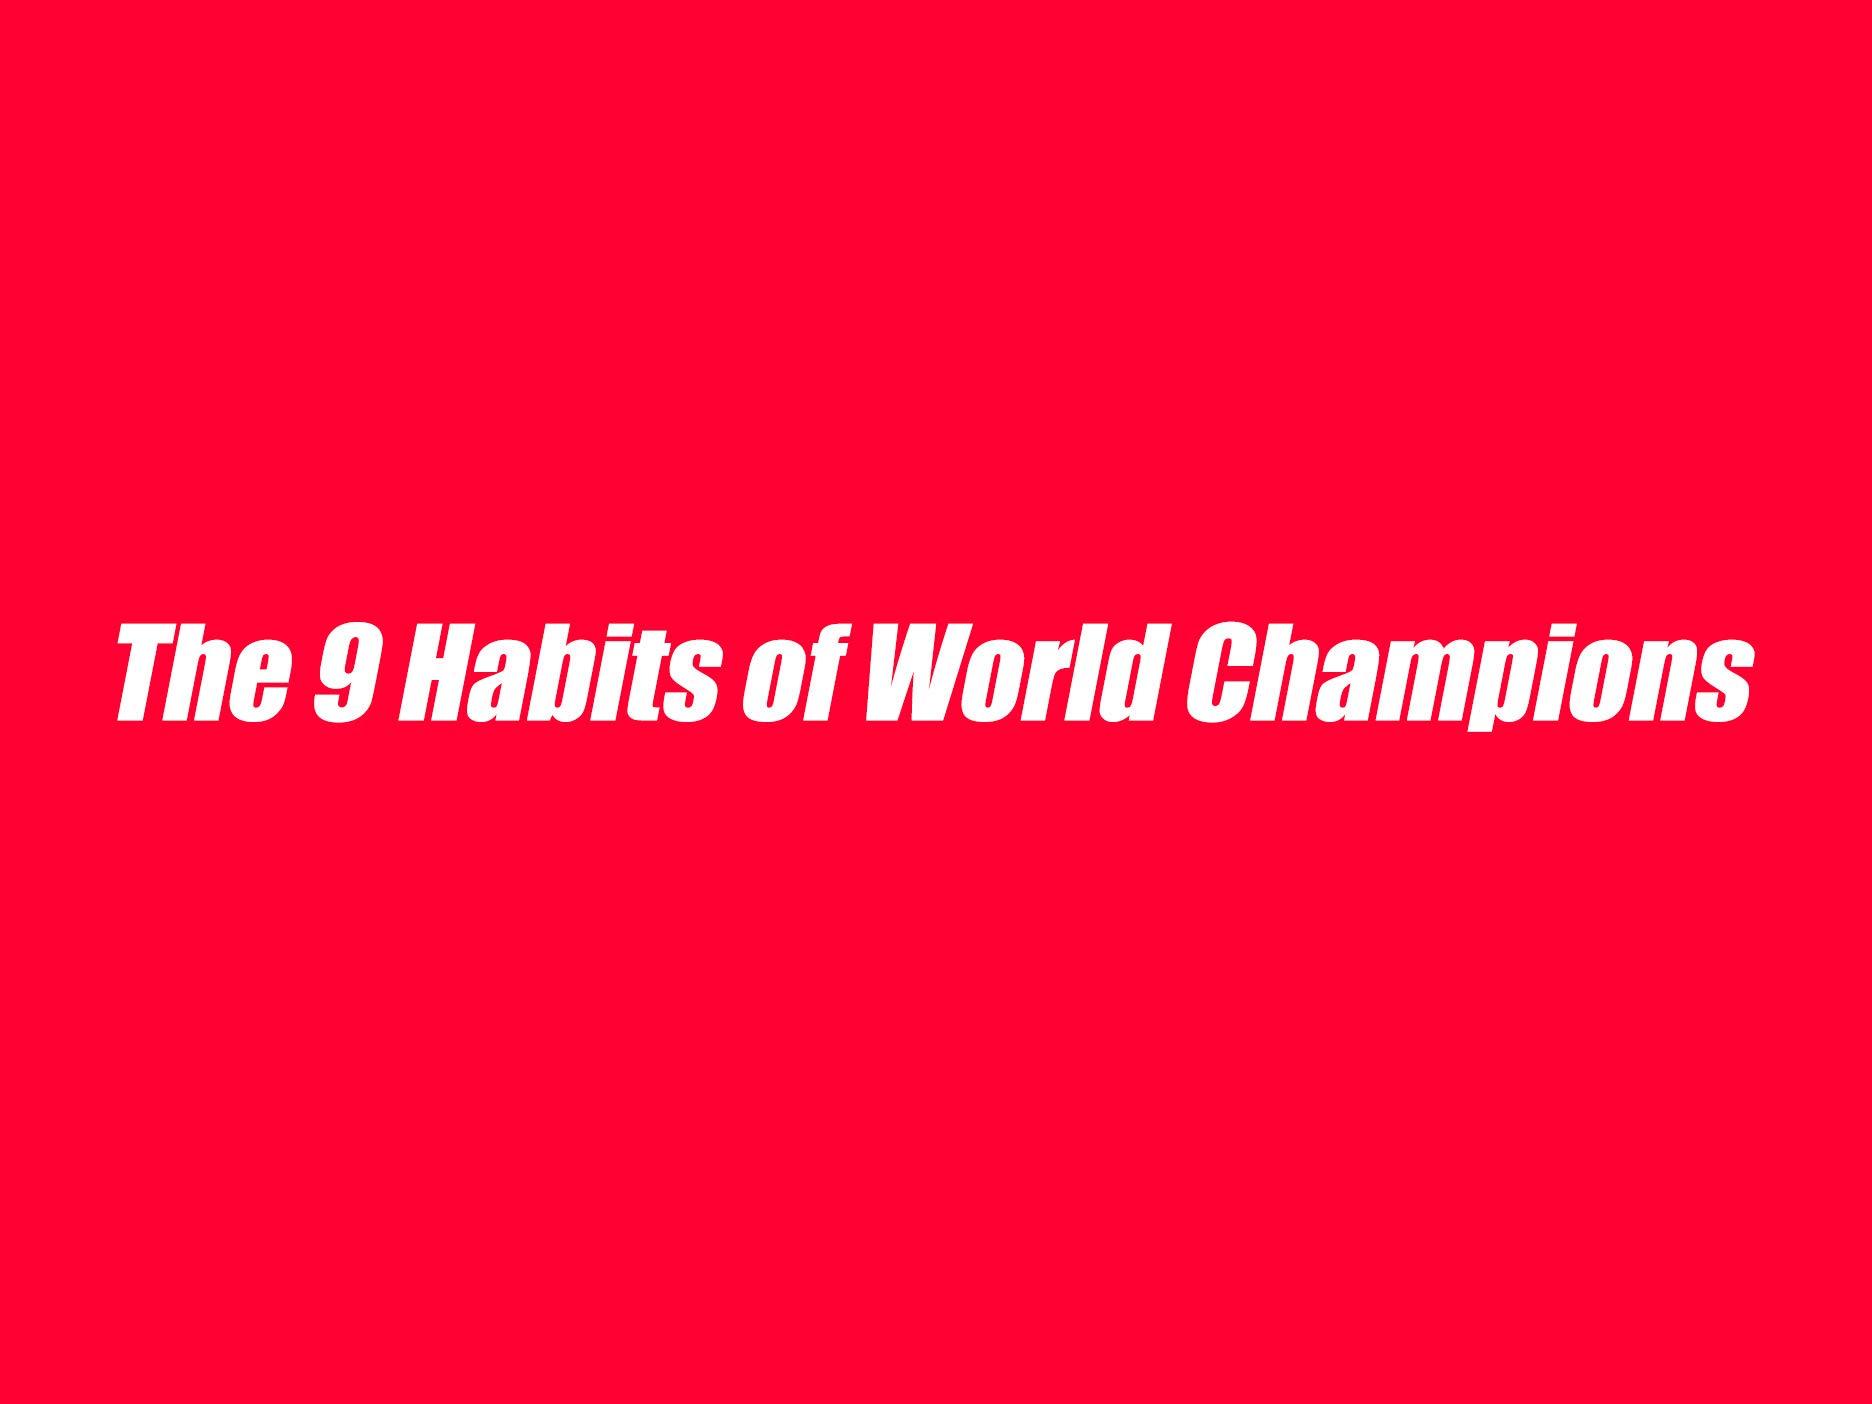 The 9 Habits of World Champion